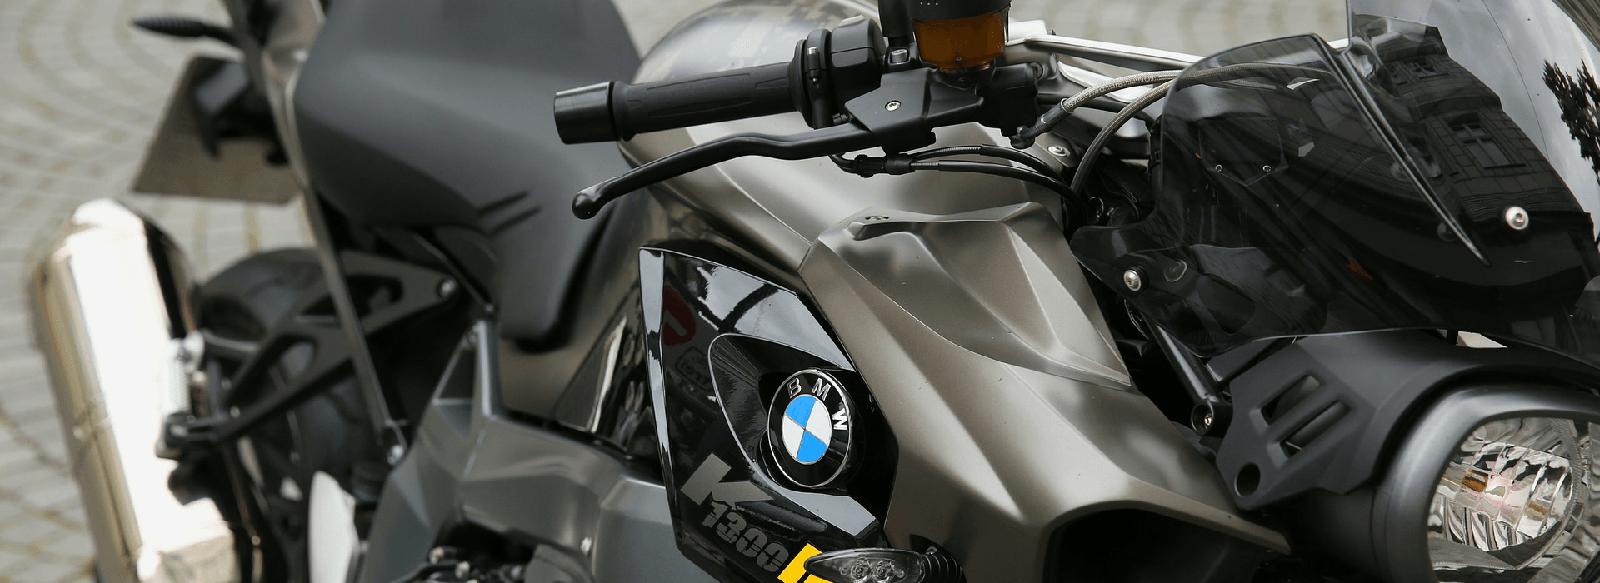 motor reparatie apeldoorn